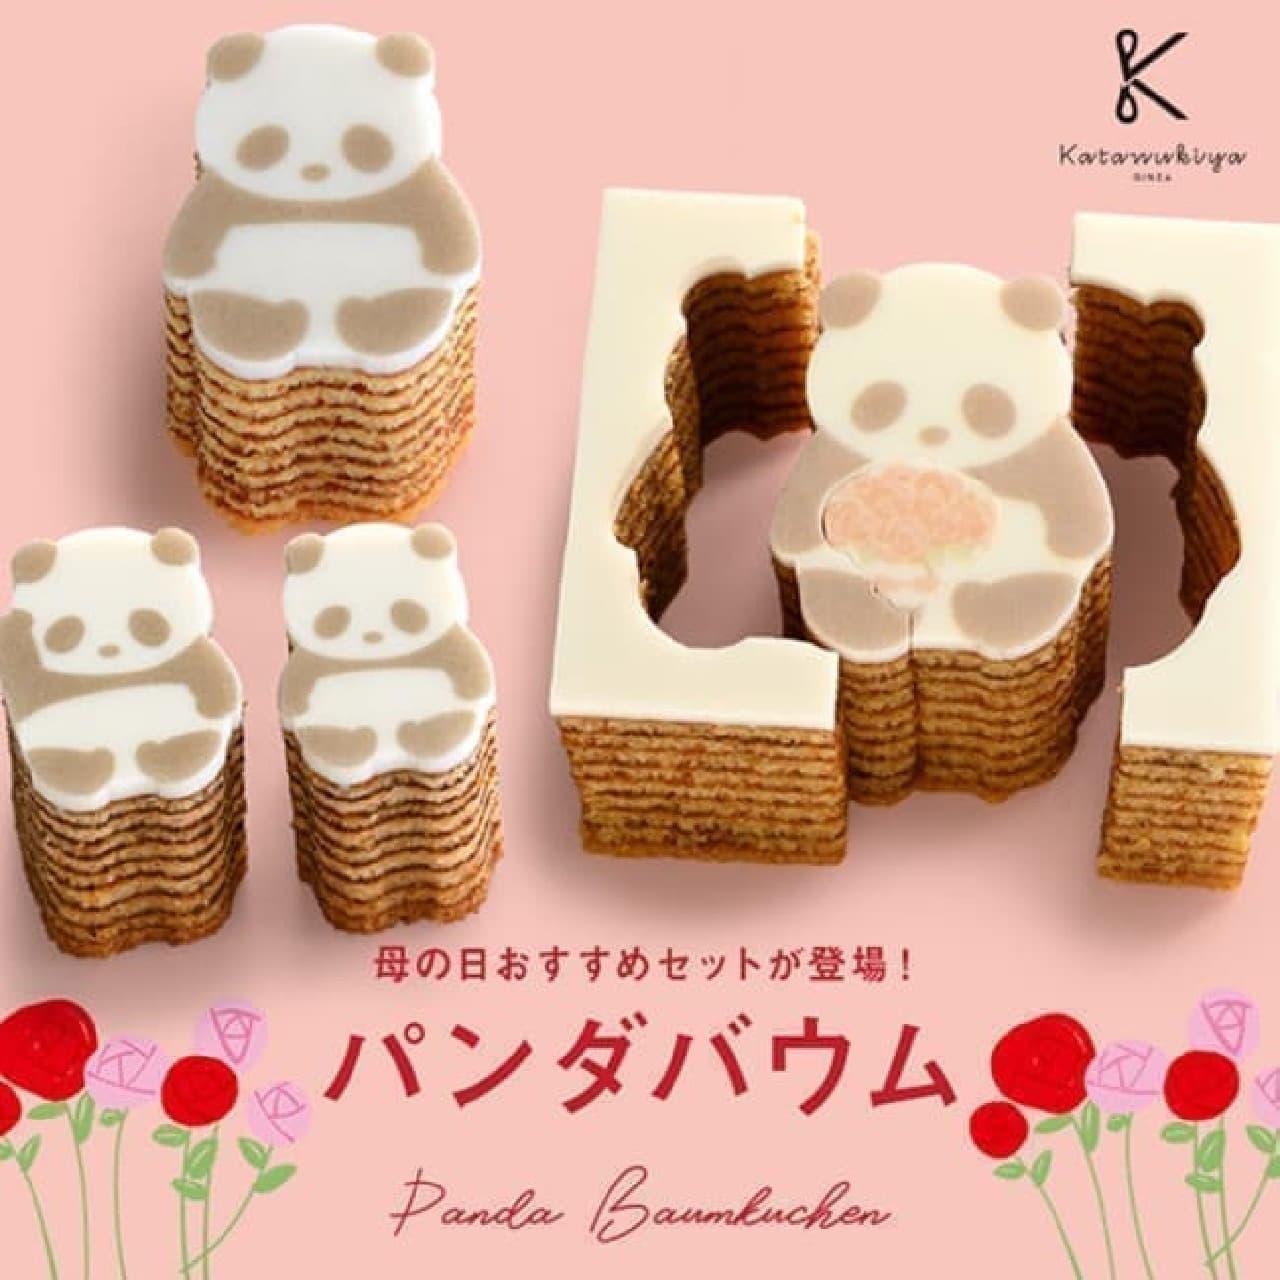 カタヌキヤ「ブーケパンダバウム」3個セット